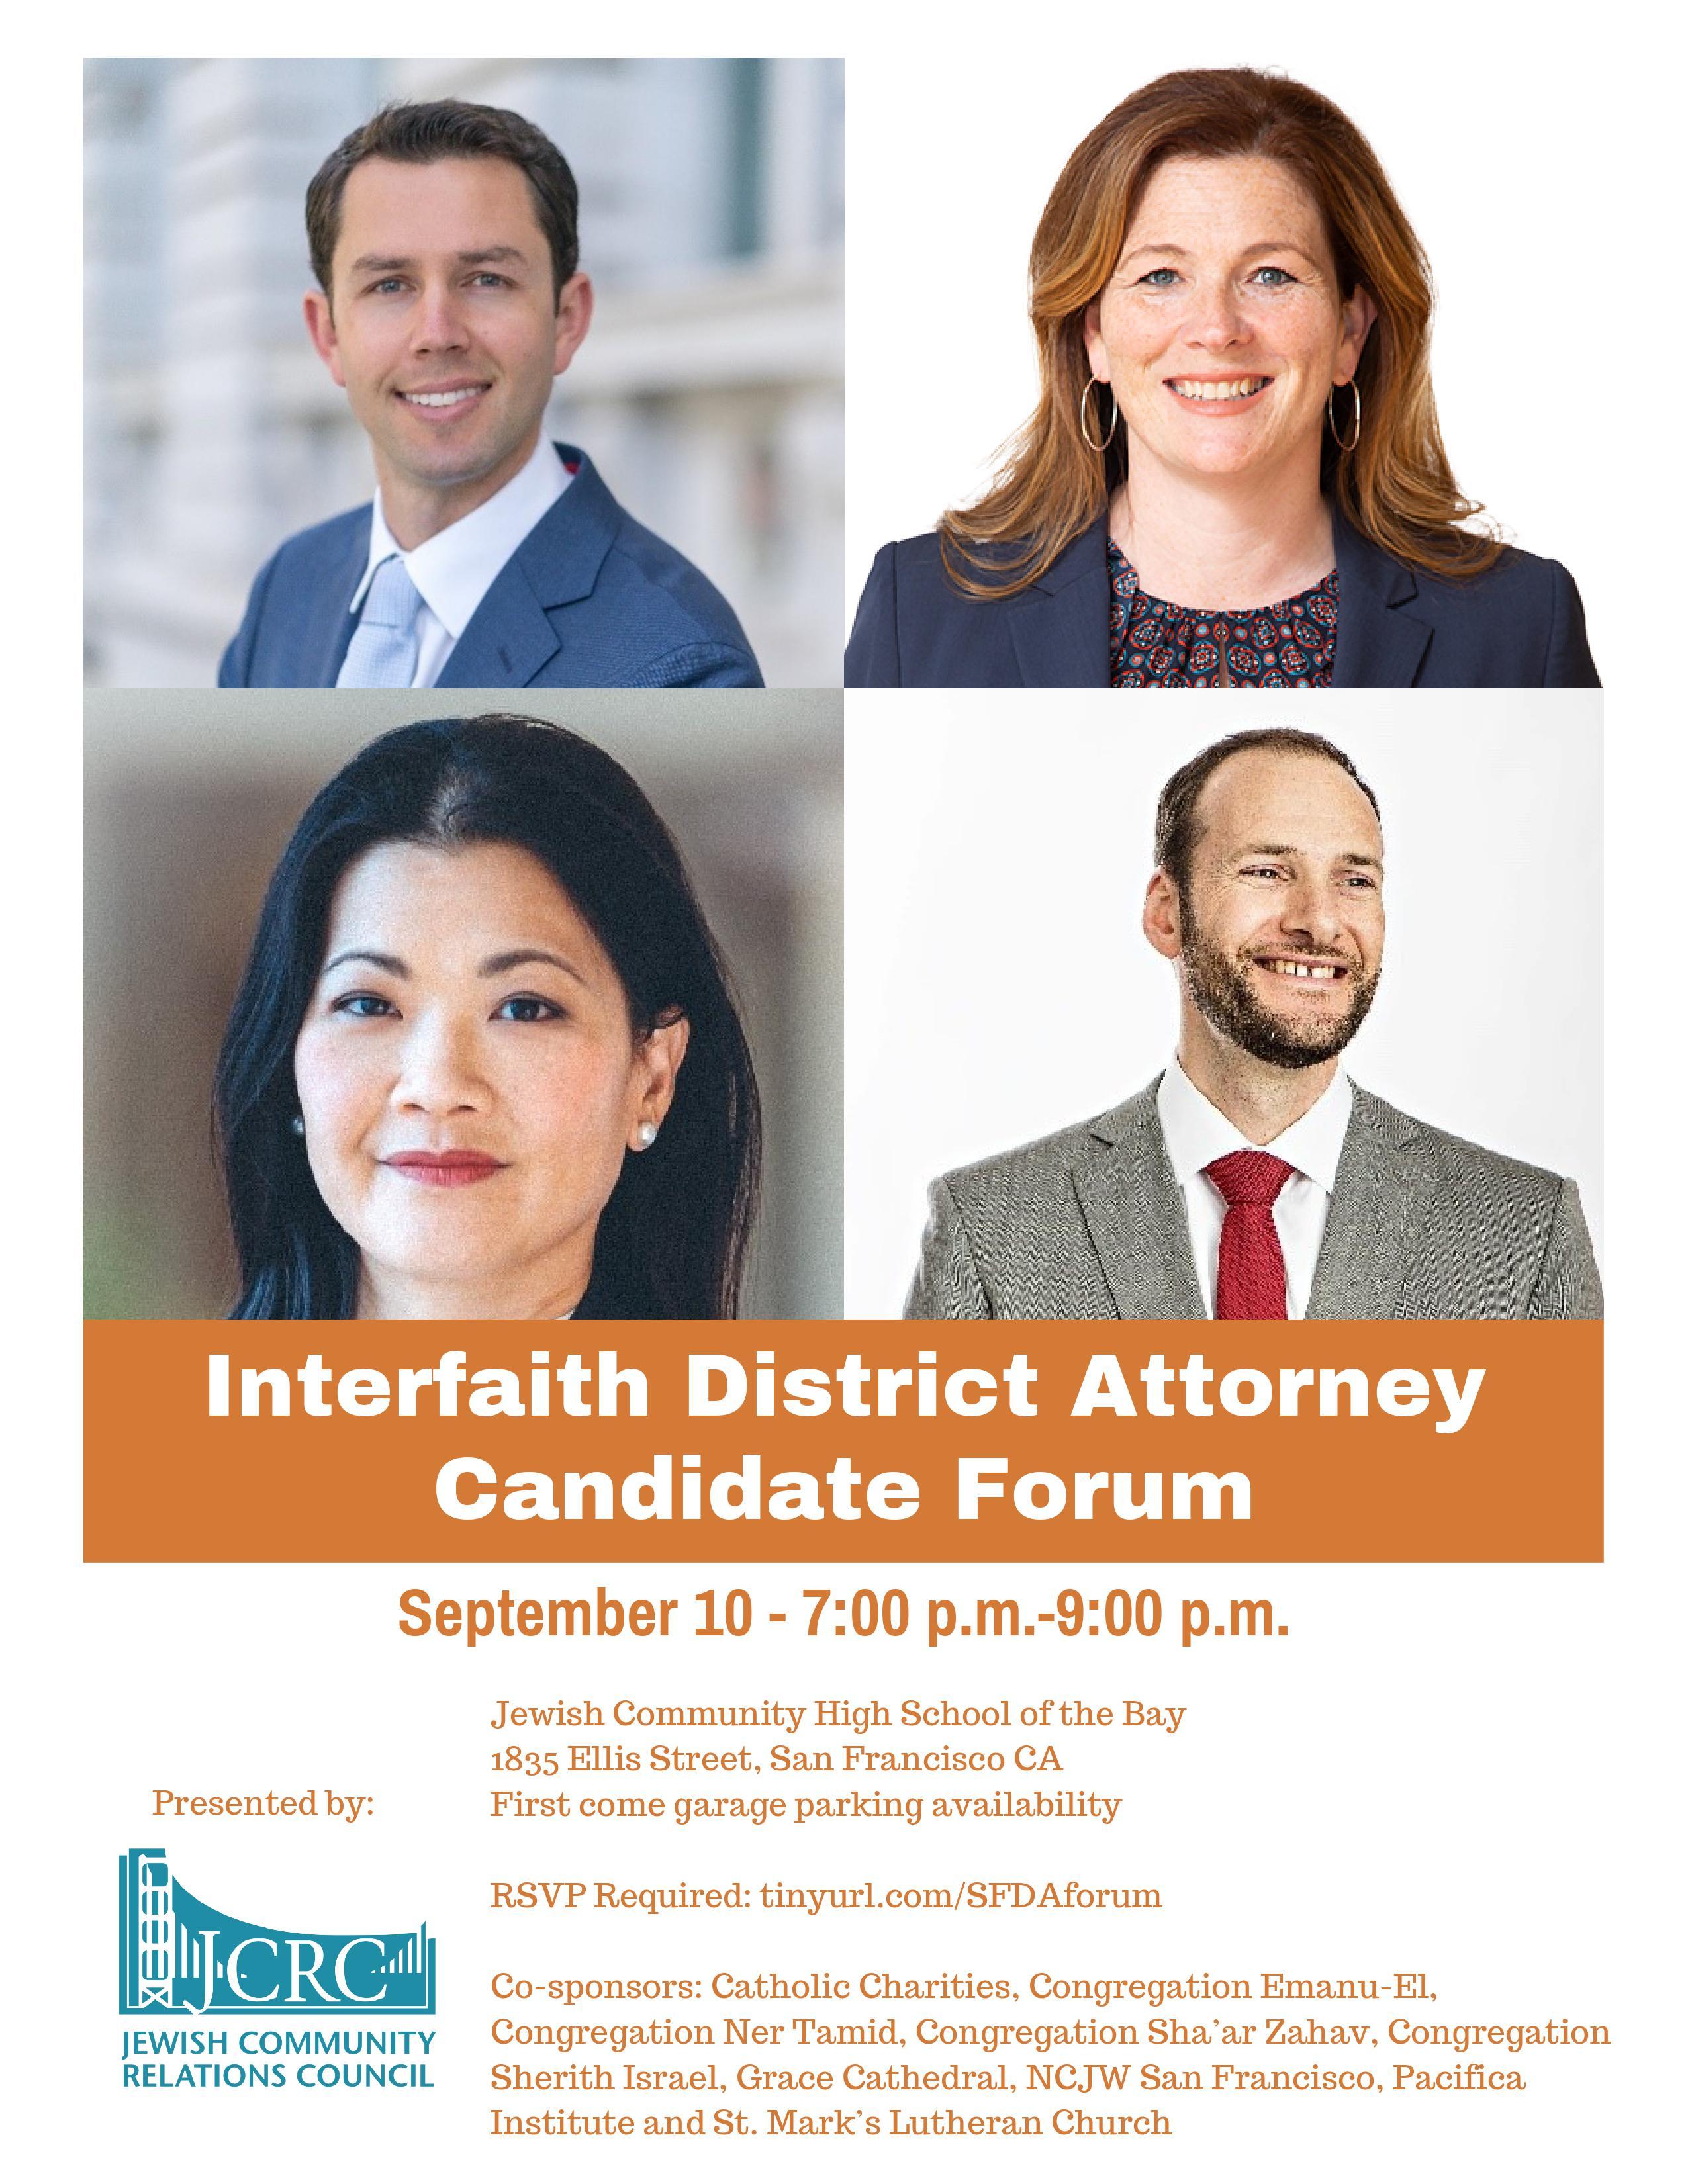 Interfaith District Attorney Candidate Forum